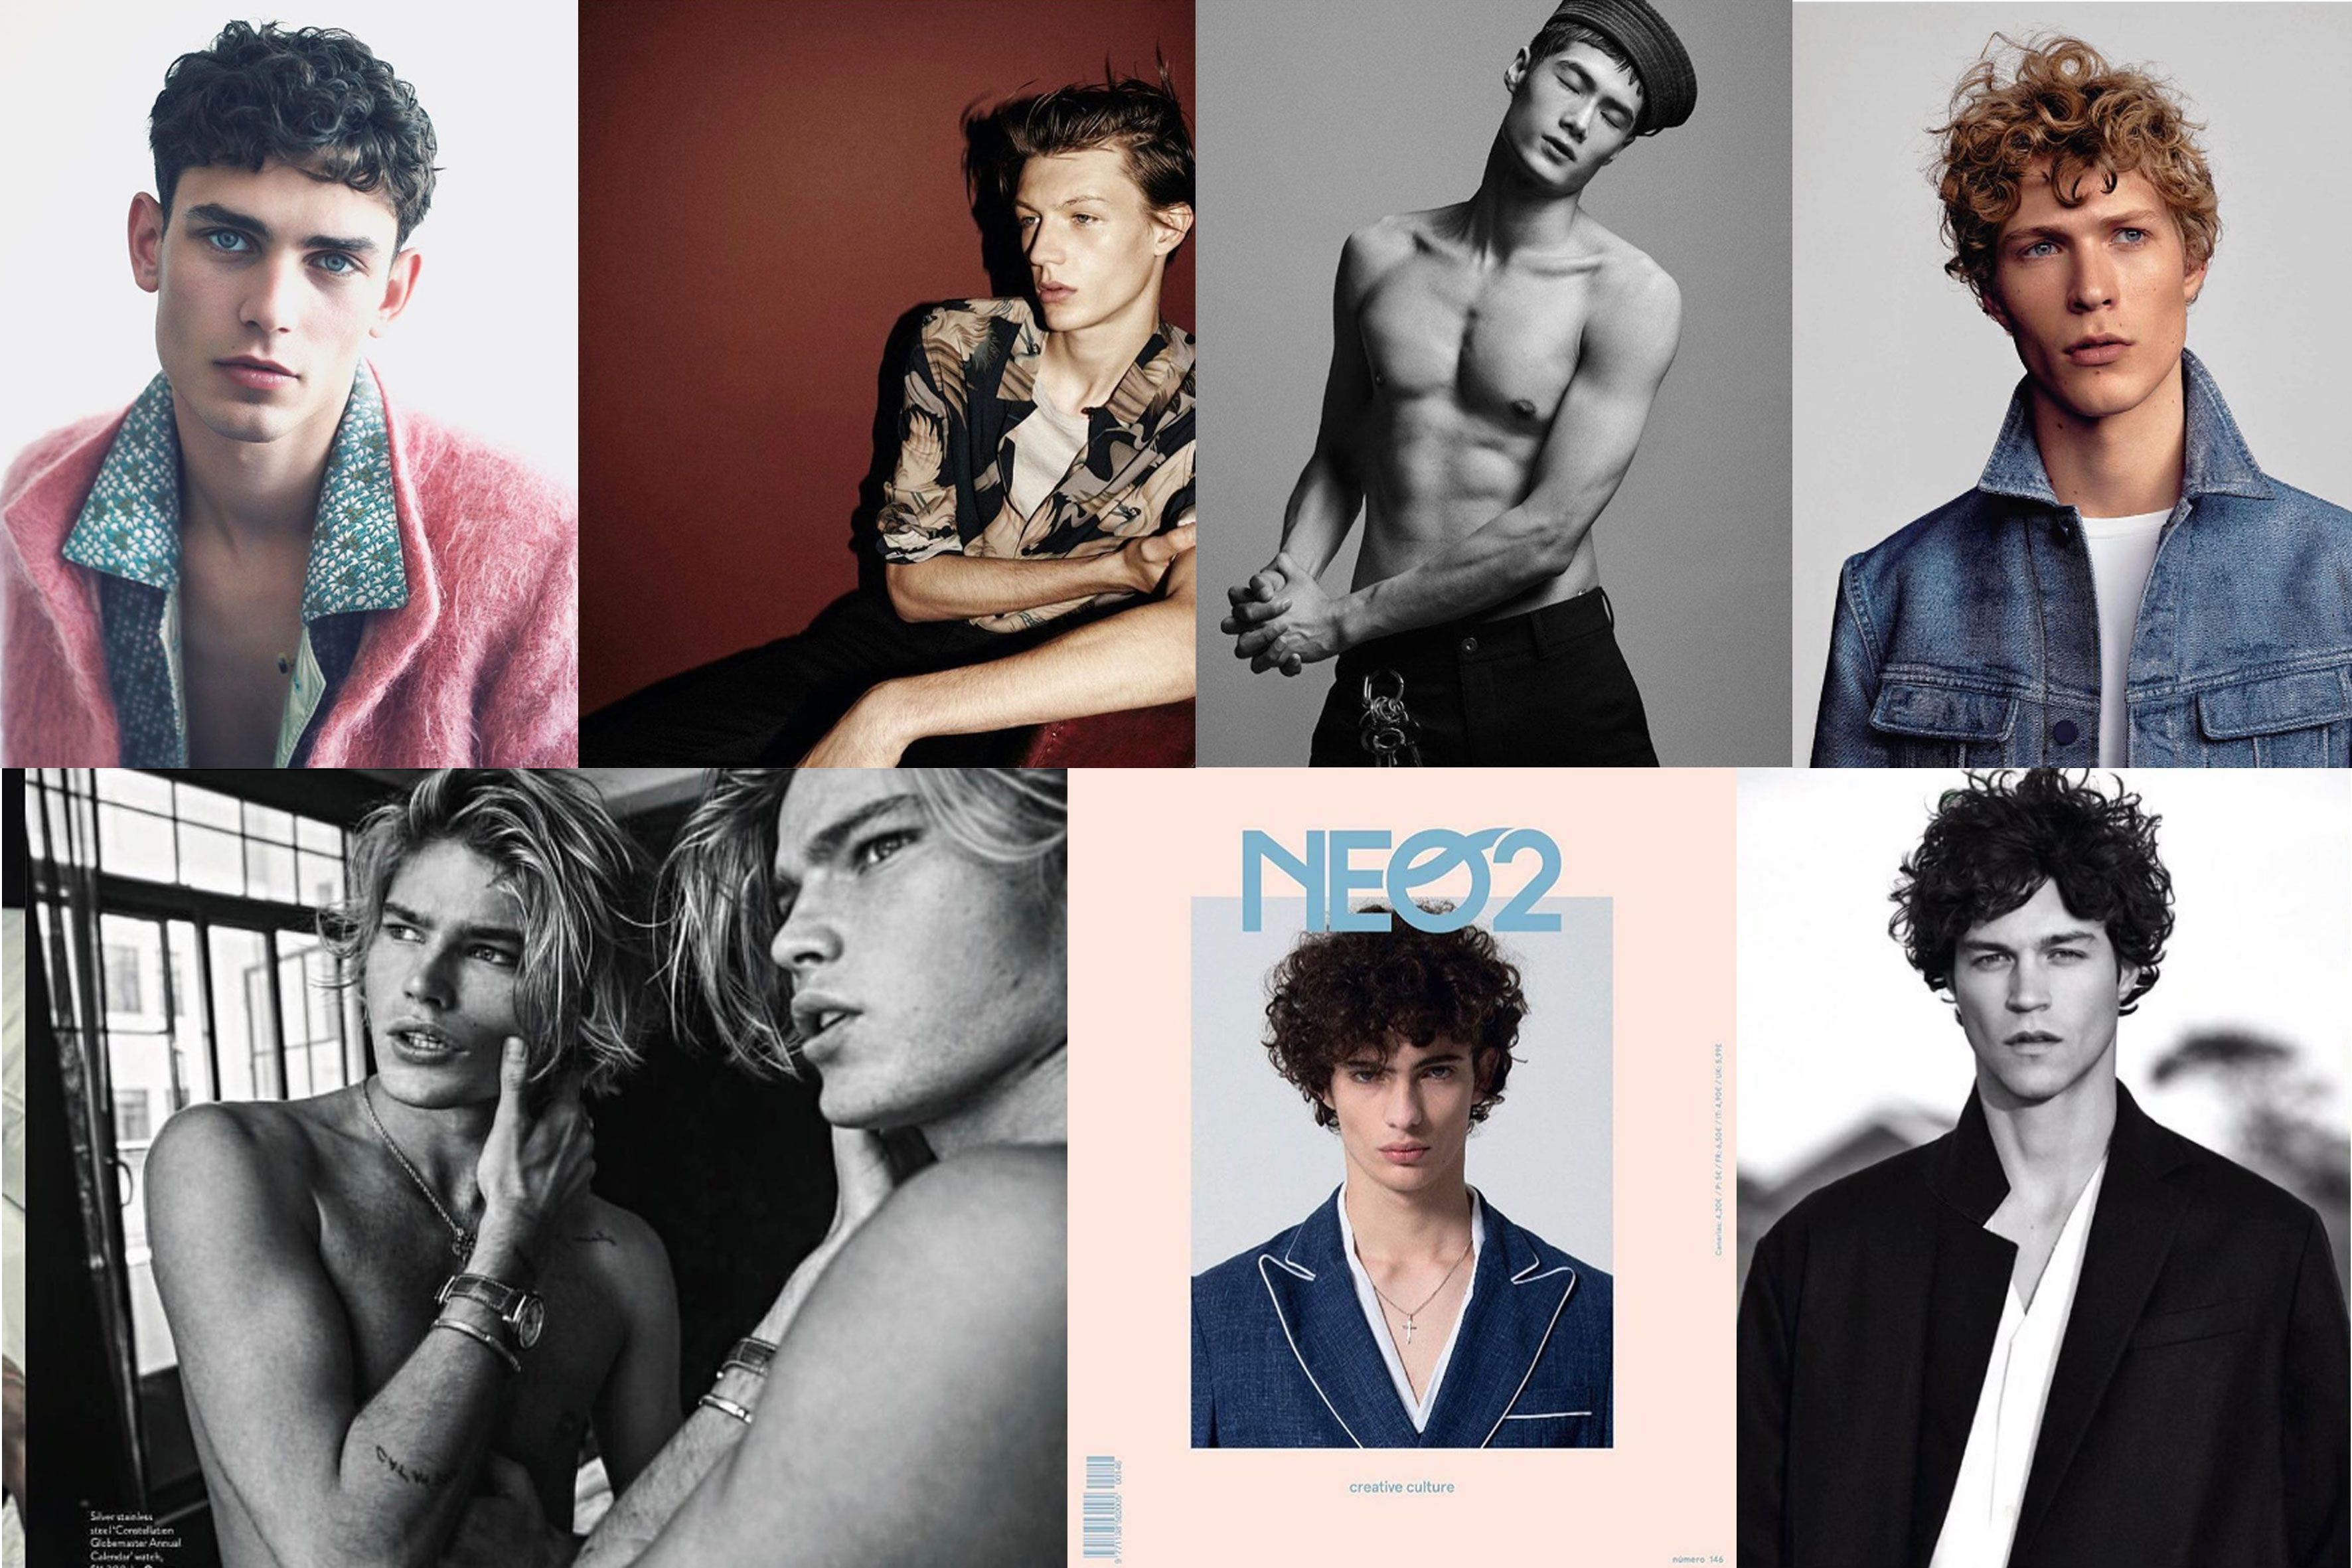 70d29243f33 Os 7 modelos masculinos do momento - MoveNotícias